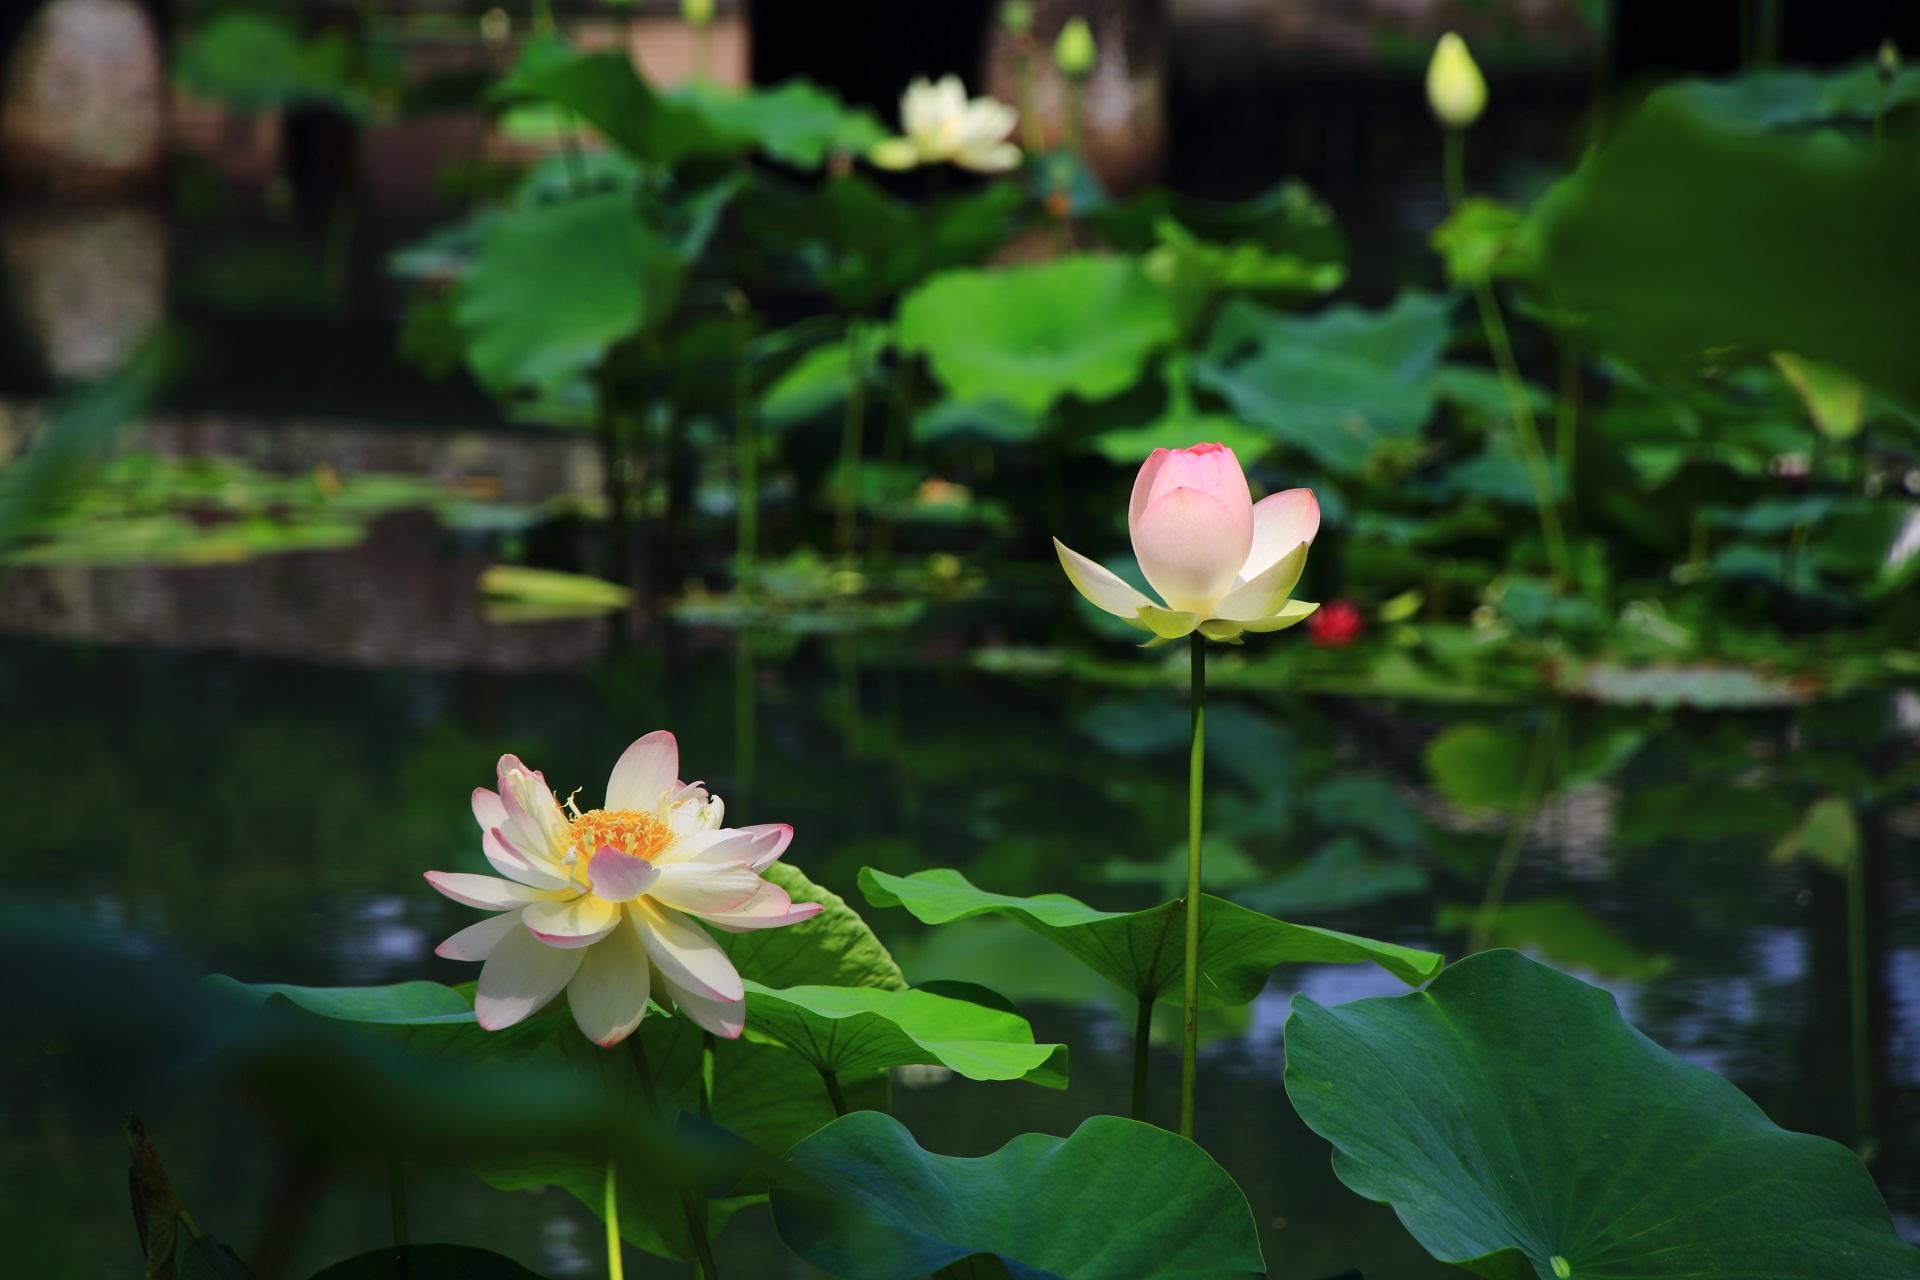 ほんのりピンクの入った華やかな白い蓮の花